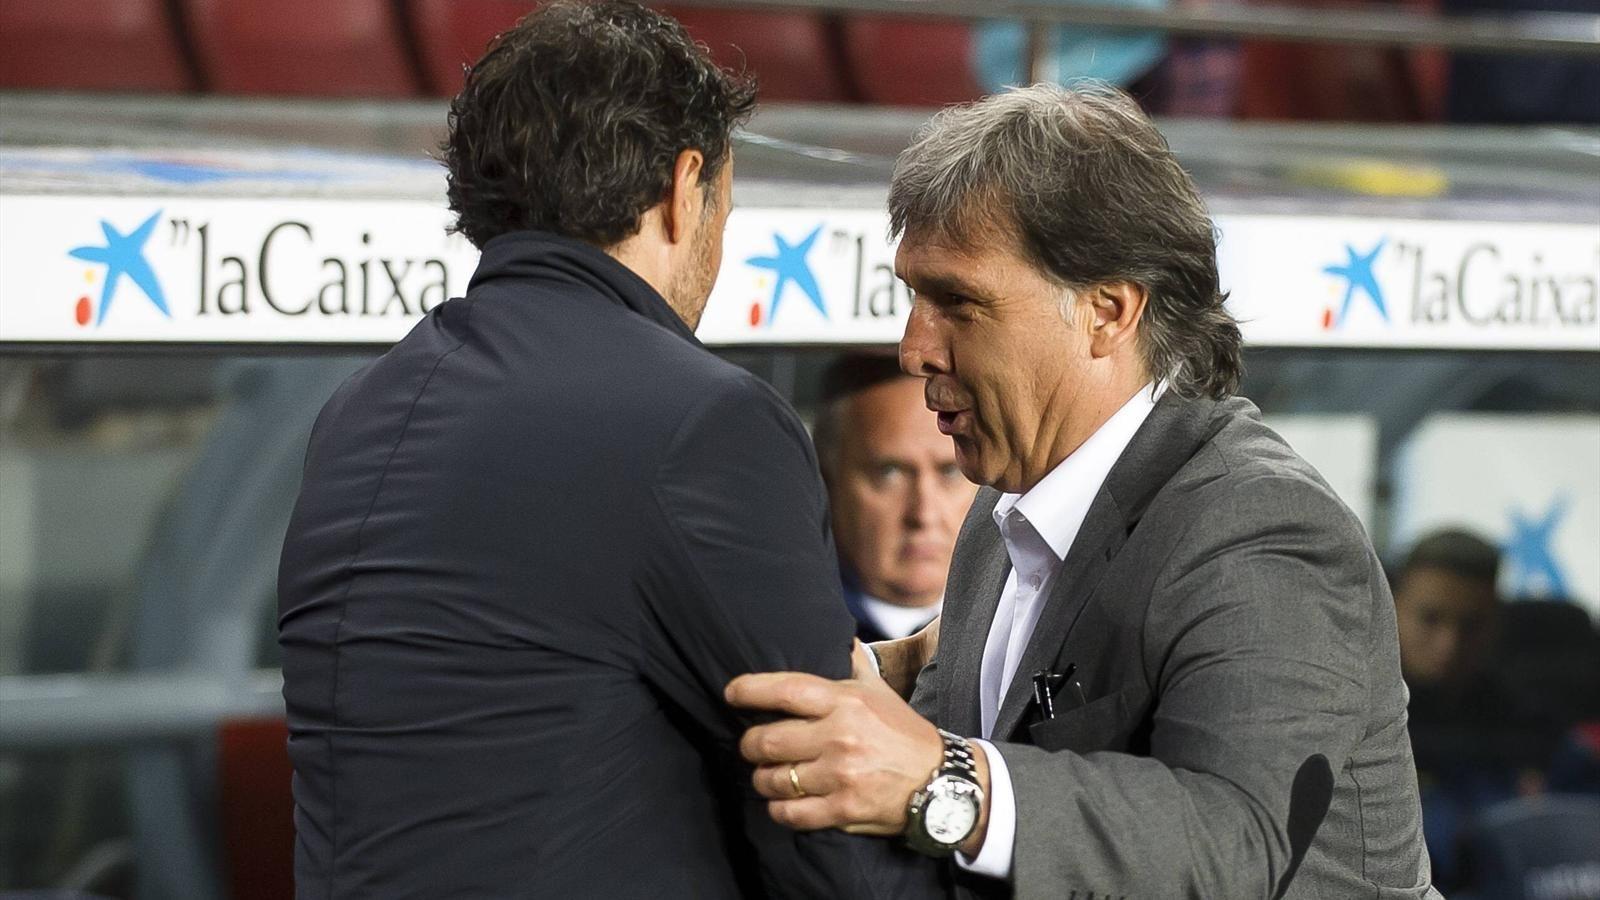 Spécial Messi et FCBarcelone (Part 2) - Page 8 1231274-26280383-1600-900